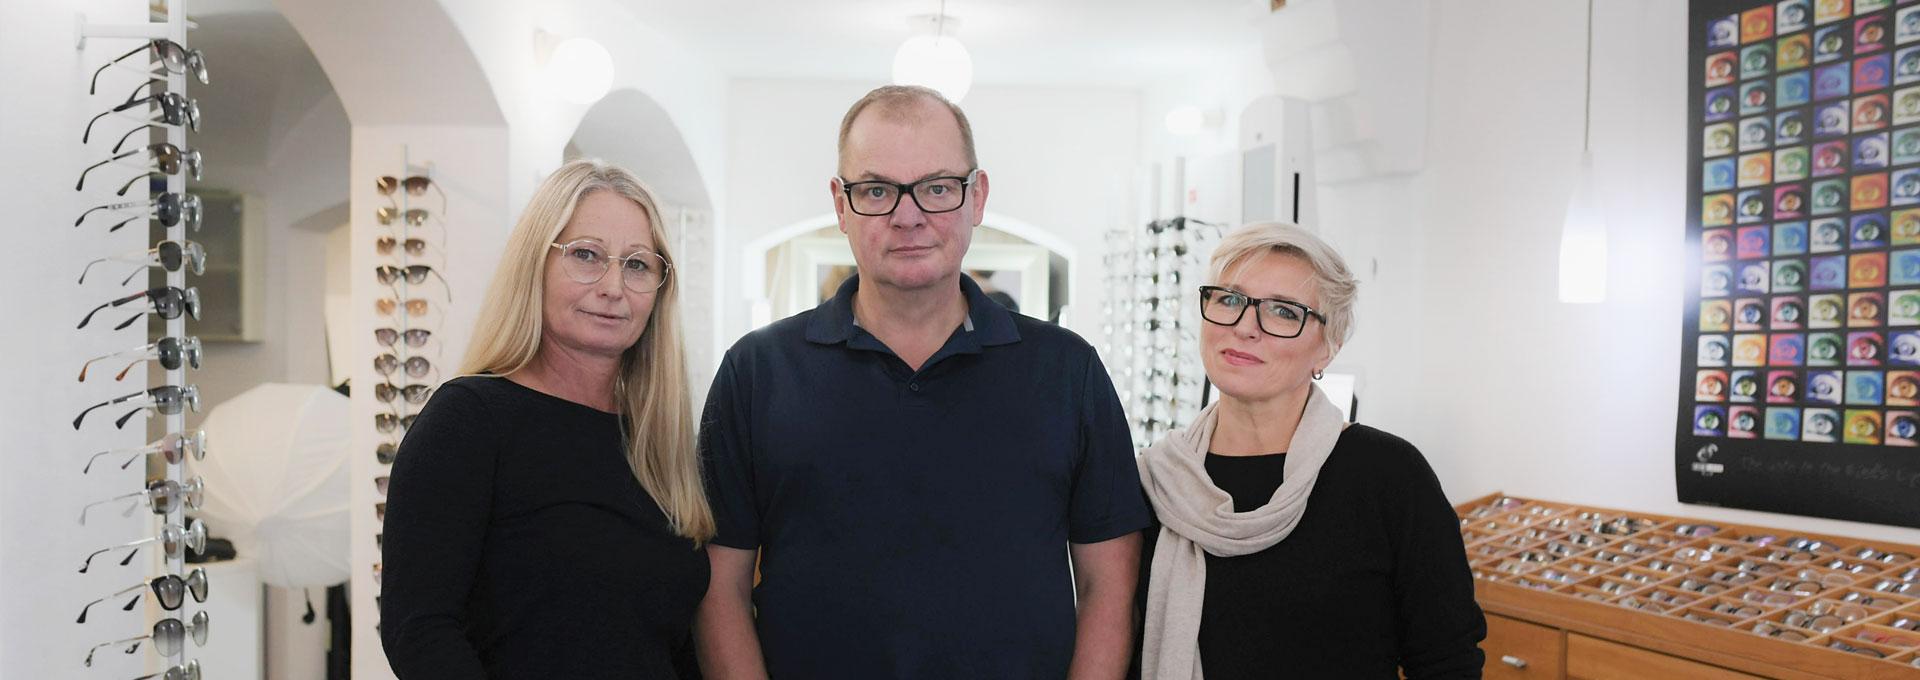 sehenswert-optiker-wasserburg-team-header